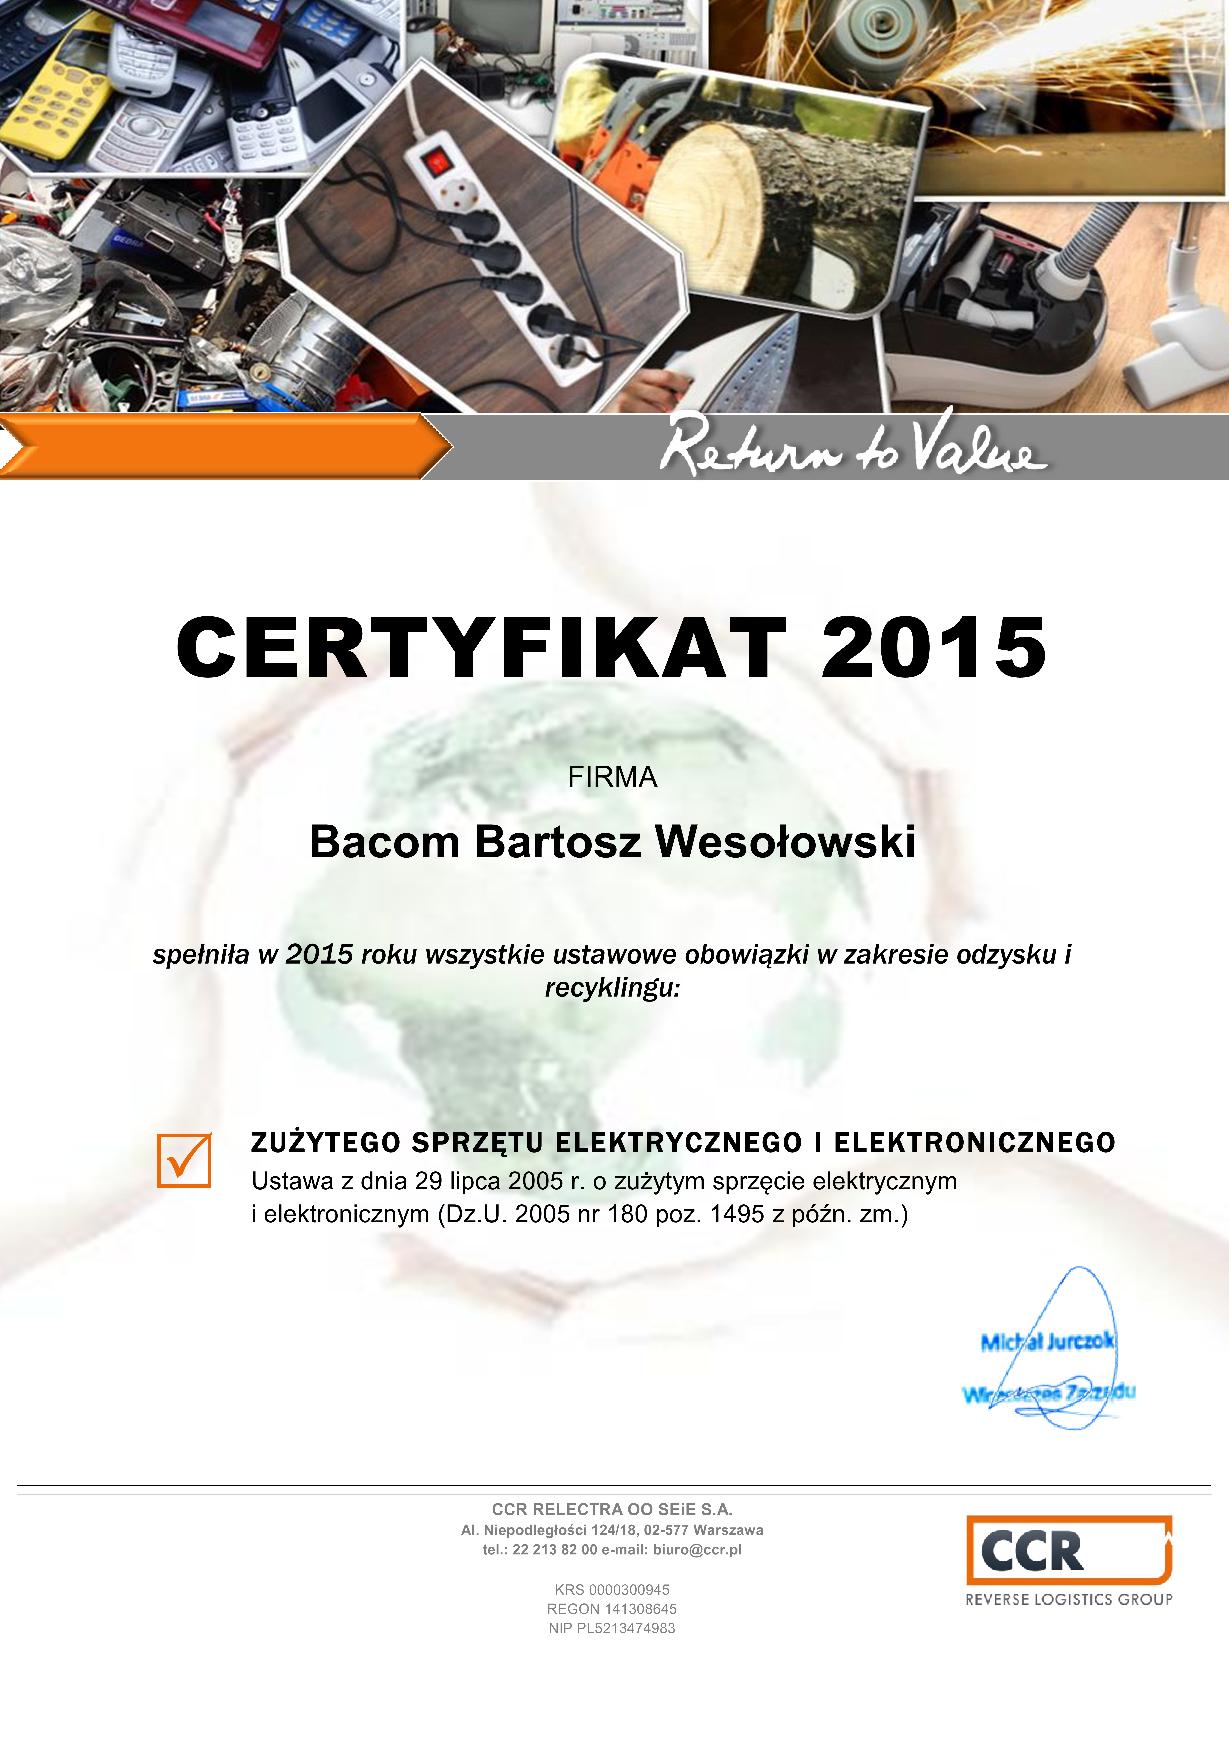 Certyfikat - frima przyjazna środowisku